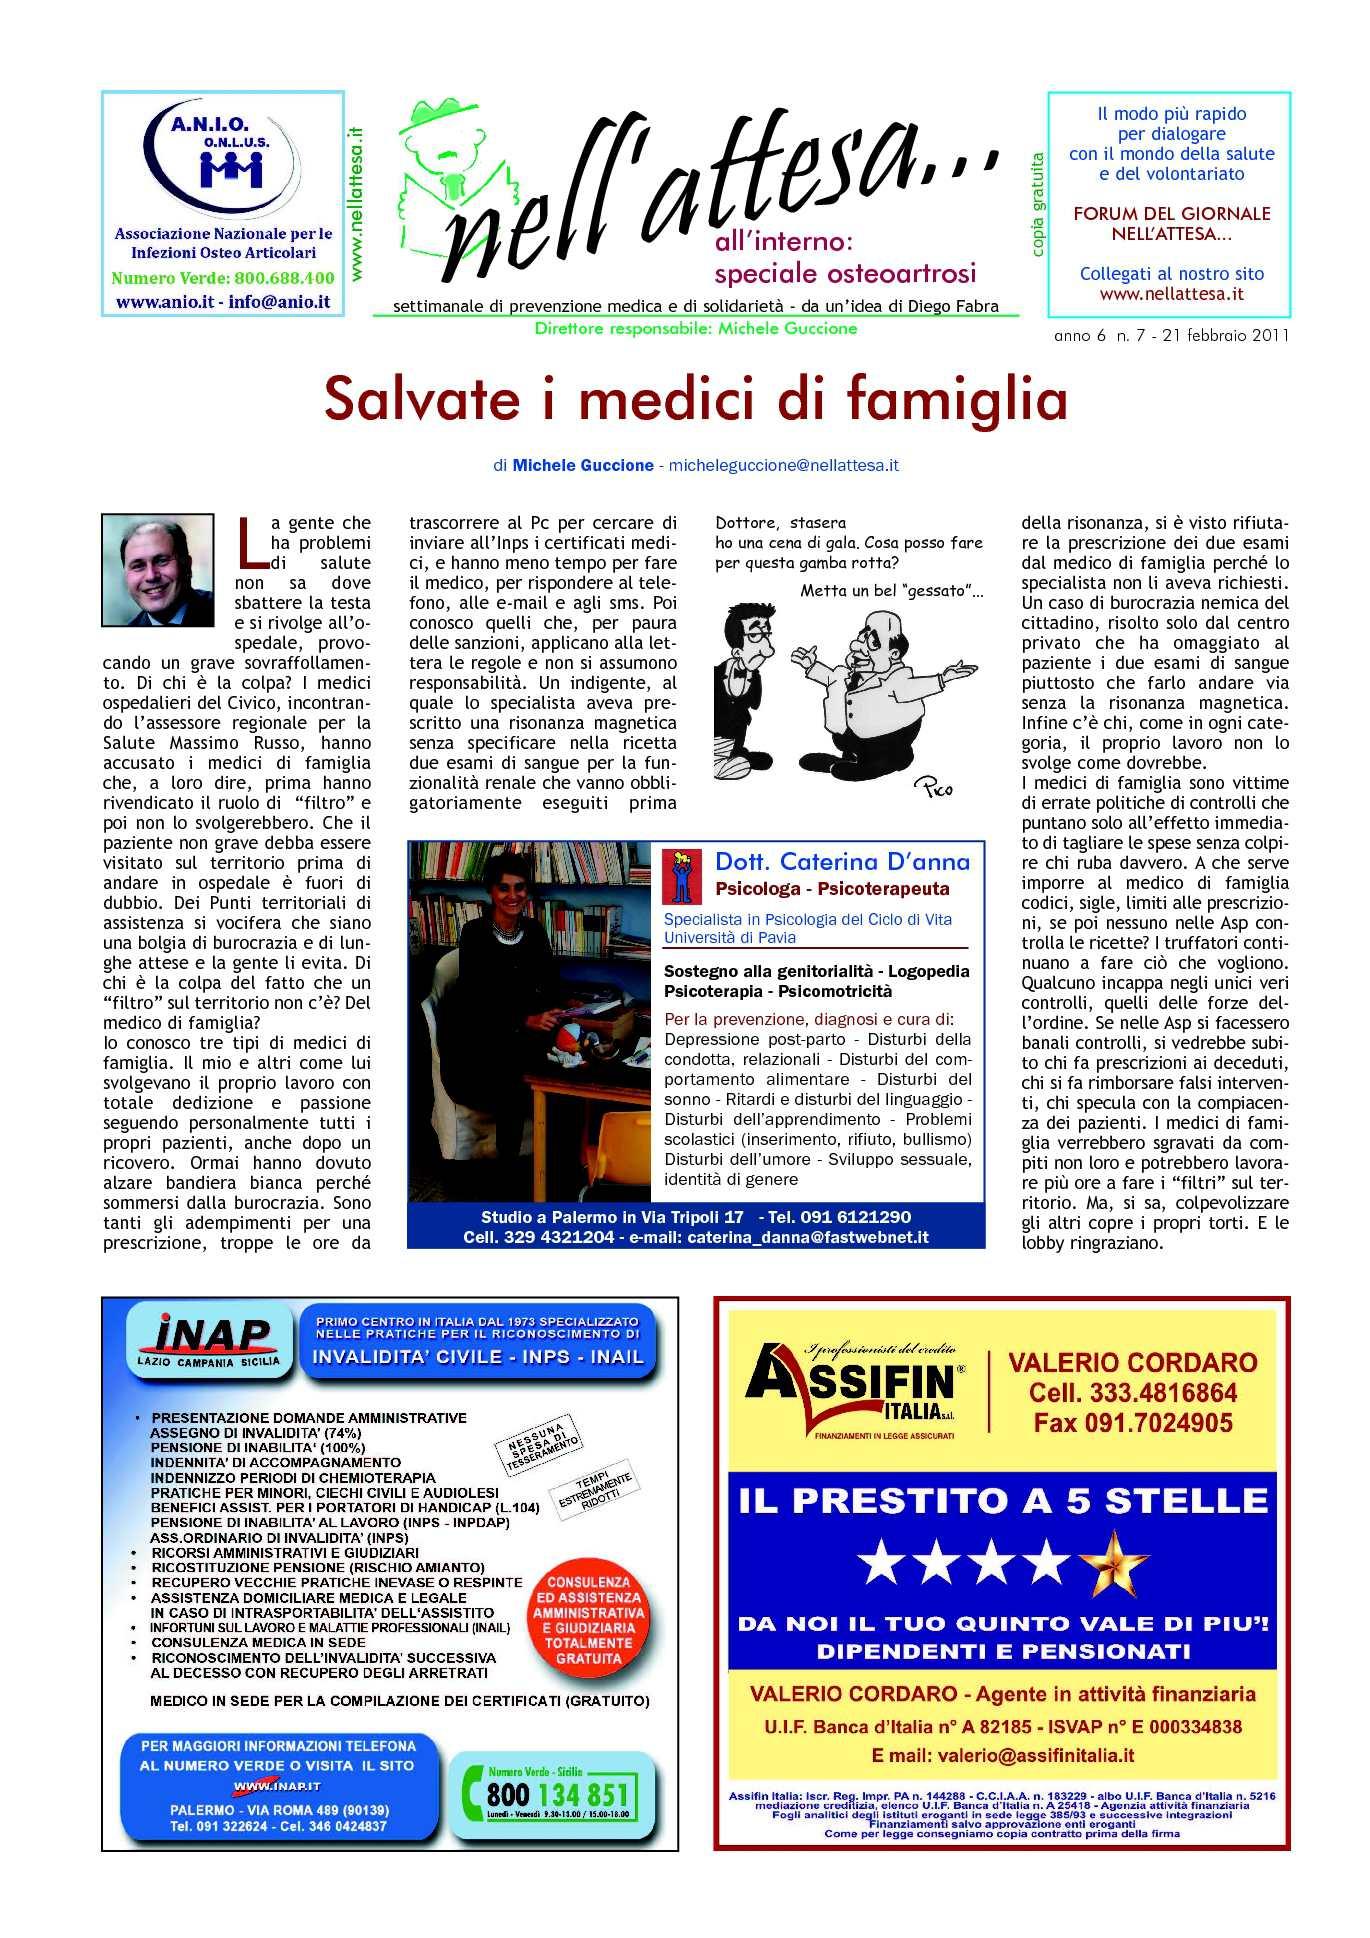 Calam o newsletter n 07 del 21 febbraio 2011 del for Gente settimanale sito